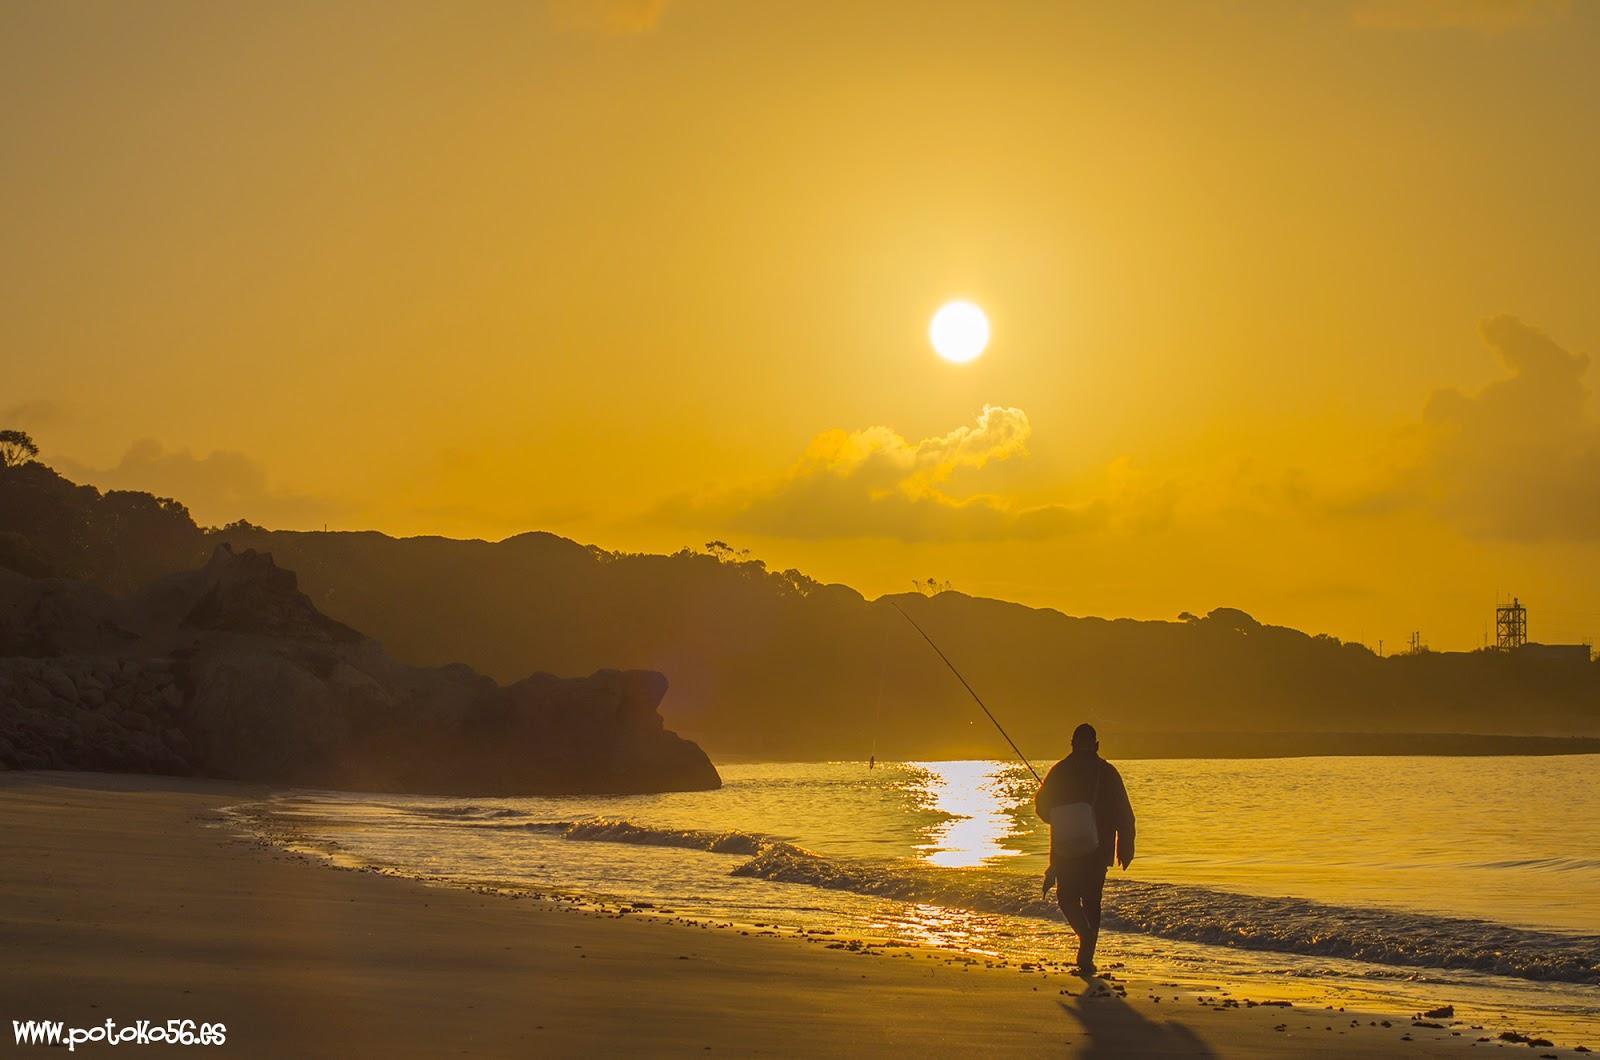 pescando desde la orilla al amanecer en la playa del Chorrillo en Rota